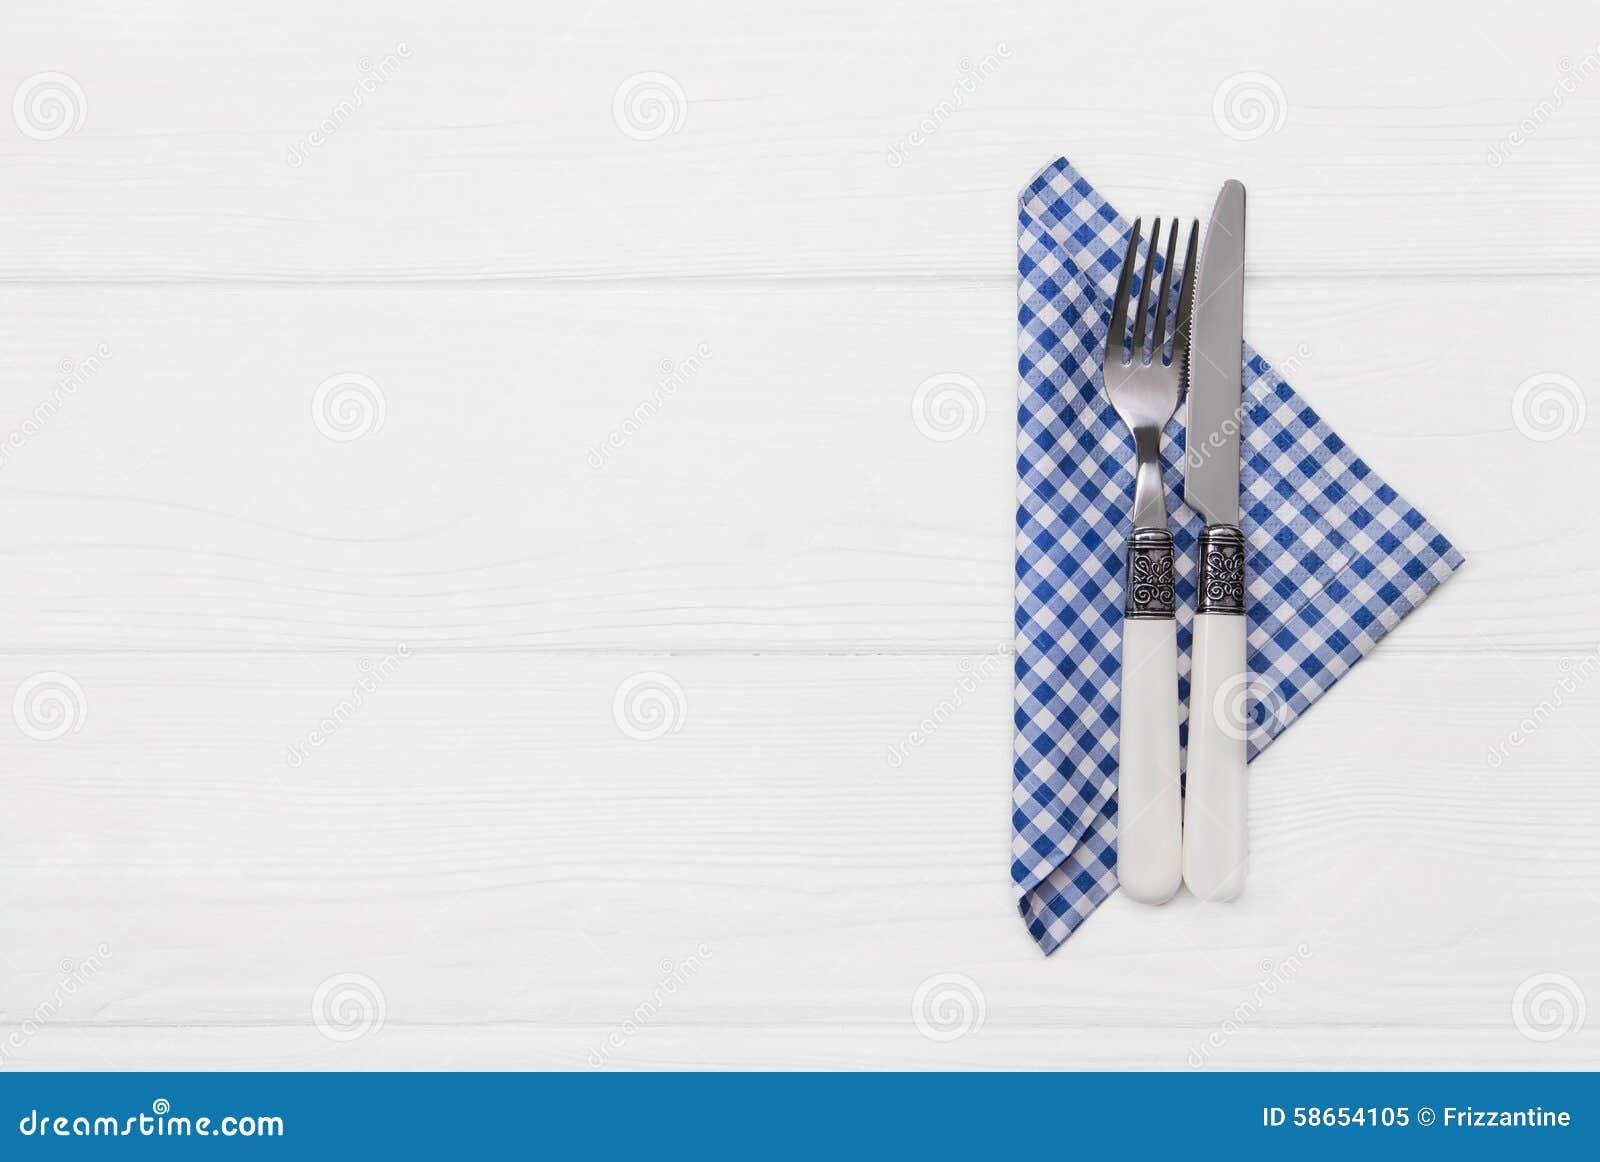 Best Restaurants In White Fish